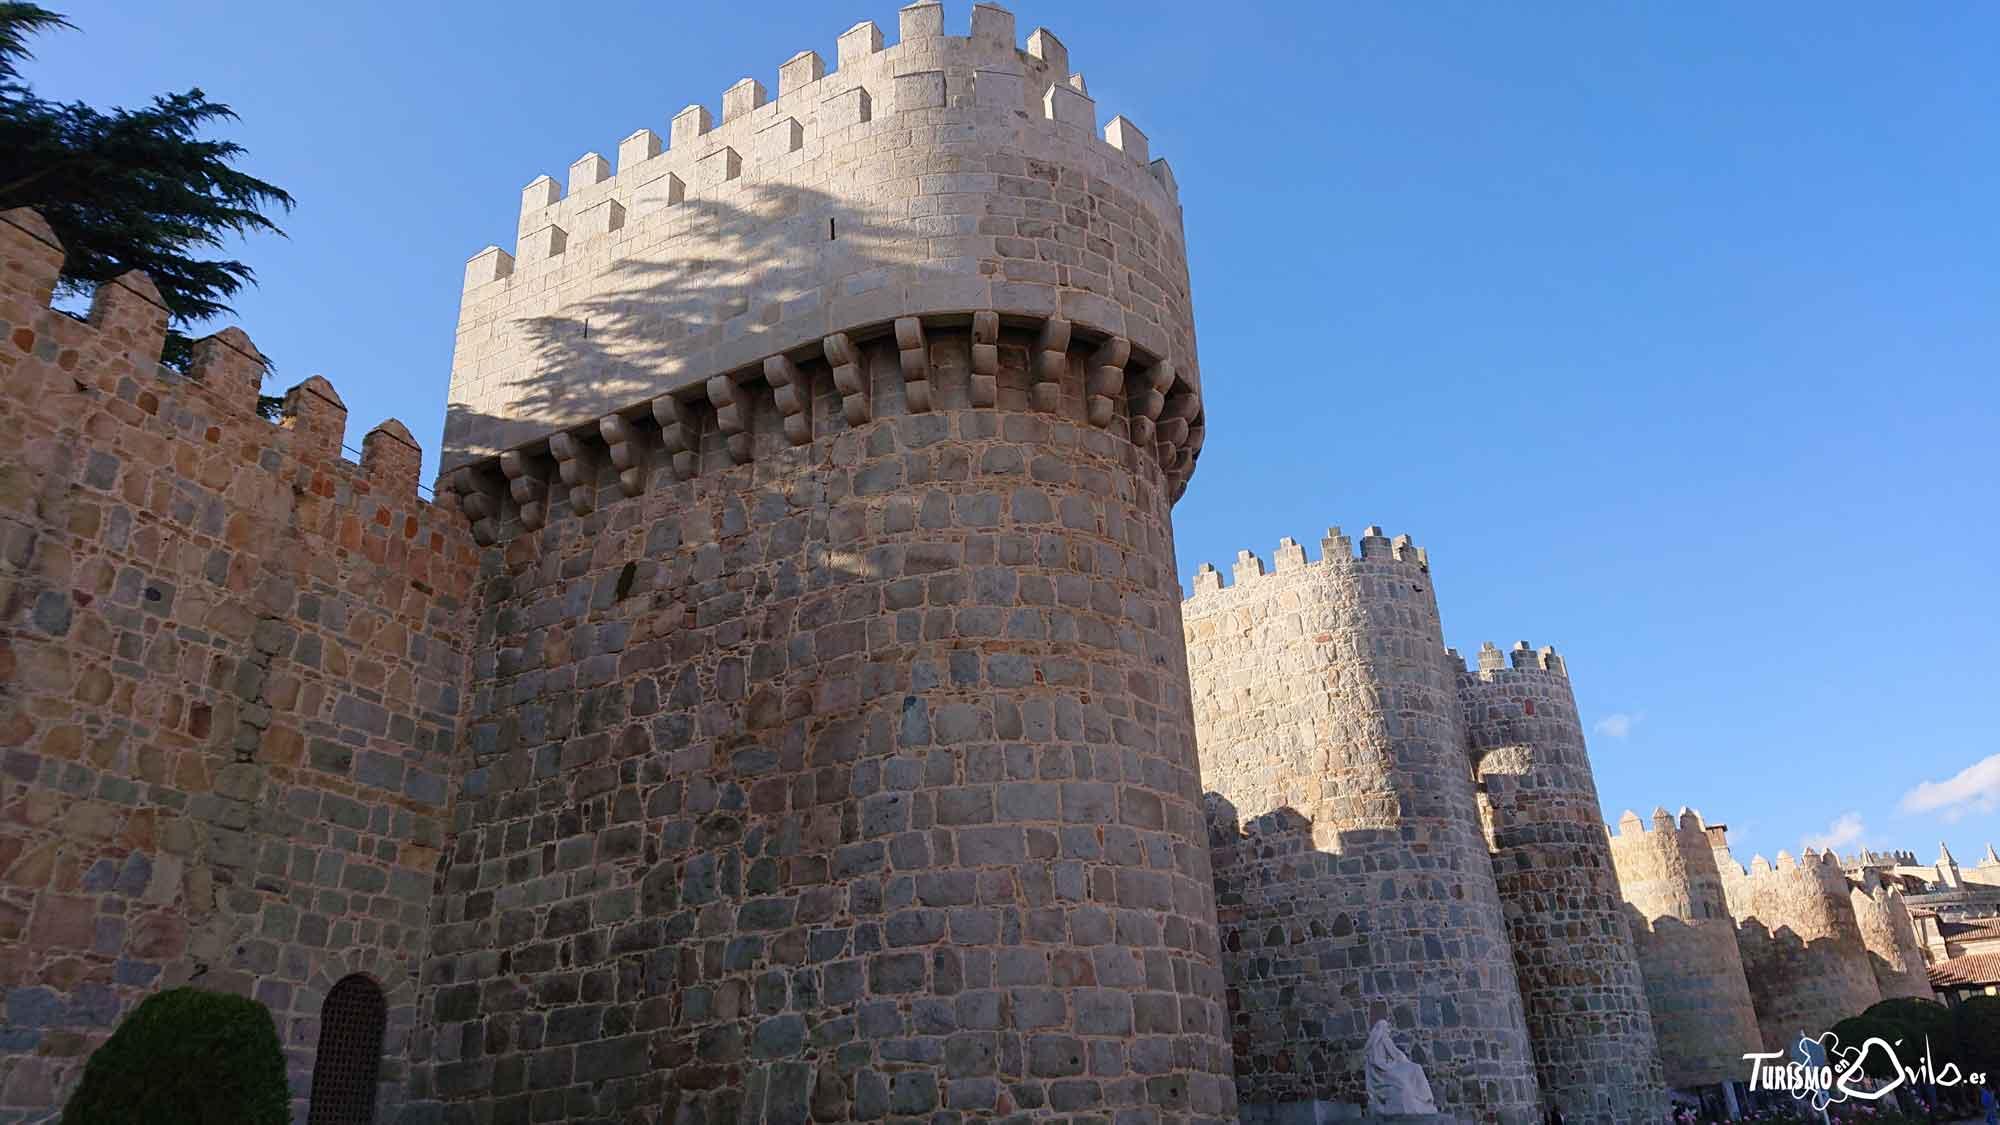 Qué ver en Ávila: su Muralla, la famosa Muralla de Ávila